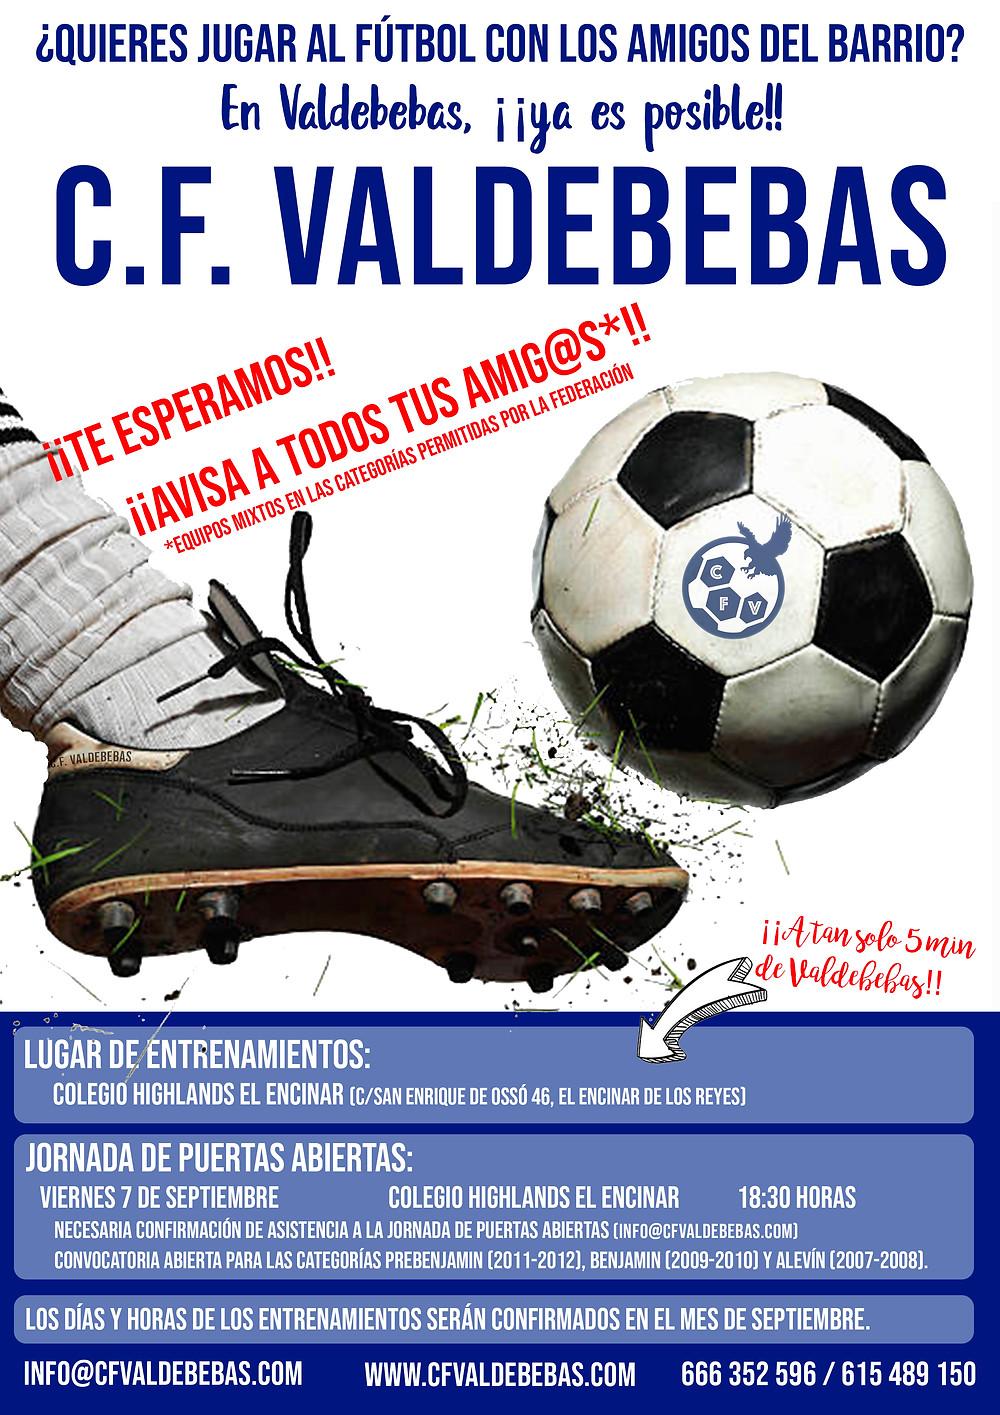 Cartel promocional CF Valdebebas